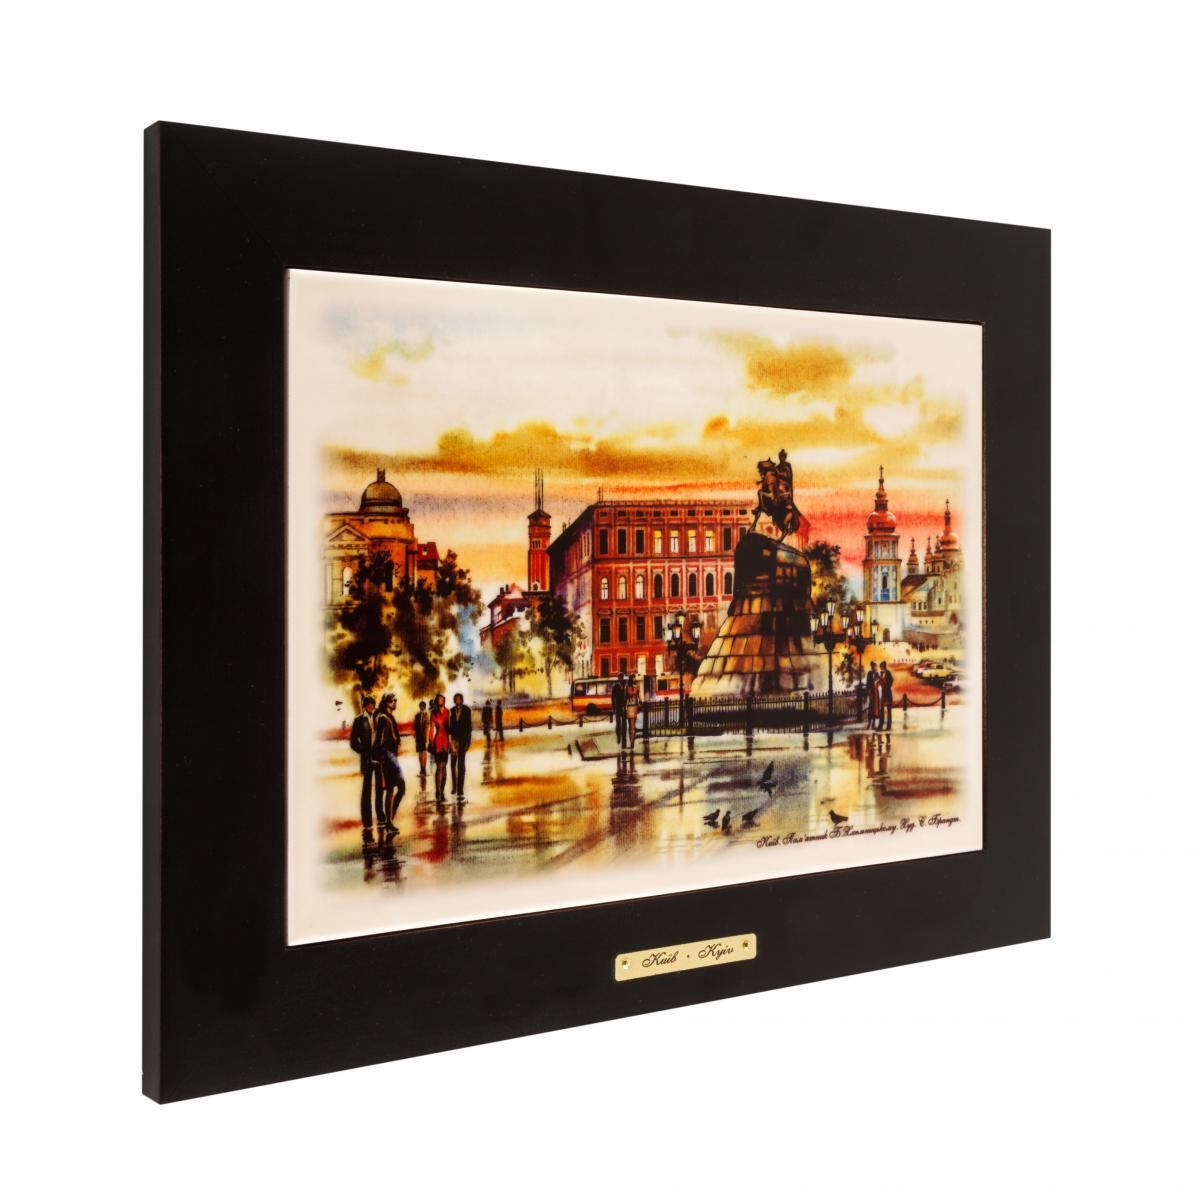 Картина Софиевская площадь (цветная). Фото №2. | Народный дом Украина